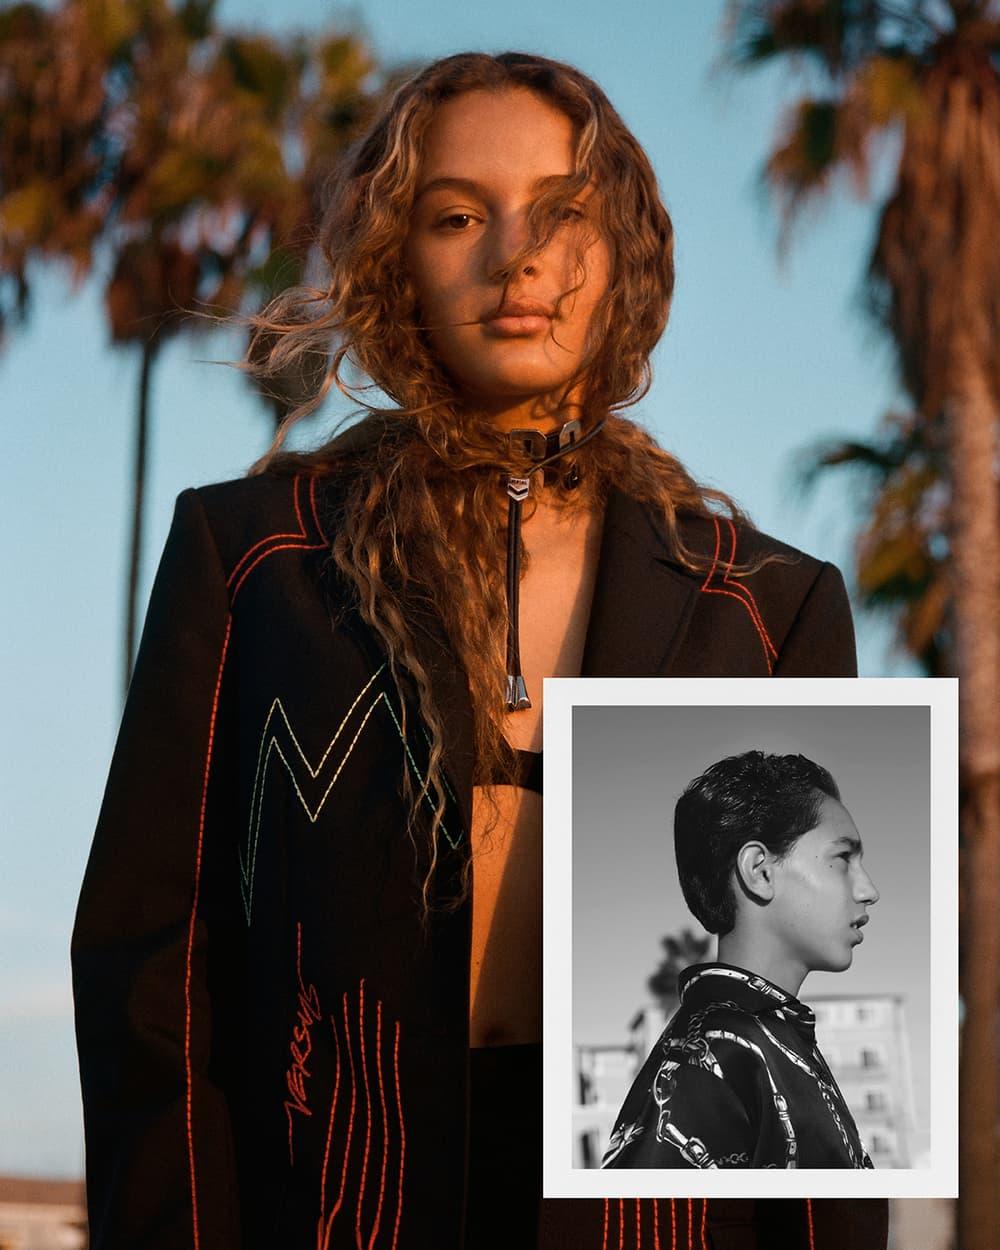 """LAのストリートでキャスティングした地元の若者たちが自身の全てを表現する Versus Versace 2018年春夏キャンペーン 文化の限界値を押し上げるユース世代の自由なバイブスと反骨精神を投影したビジュアルから垣間見える〈Versus Versace〉のアティチュード 〈Versus Versace(ヴェルサスヴェルサーチ)〉より、Ben Toms(ベン・トムズ)が撮り下ろした2018年春夏のキャンペーンビジュアルが到着した。ロサンゼルスを横断しながら撮影を敢行した今季は、ストリートでキャスティングした地元の若者をモデルに起用。2017年秋冬からの続編となるこの""""Sub Versus 2""""では、文化の限界値を押し上げる革新者世代の若者たちの多様性に迫り、スケートパーク、ビーチや海沿いの遊歩道で自分自身の活動を主張しながら、連帯感の溢れたロードトリップを通して個性や反骨心のすべてを表現している。   ルールも存在しない、偏った判断も基準もない。ロサンゼルスは、今の〈Versace〉のアティチュードを具現化したような街である。そんな新たなクリエイティブ世代の現実を描いた2018年春夏キャンペーンは、上のフォトギャラリーをチェック。  あわせて、ミラノファッションウィークにてお披露目された2 Chainz(2 チェインズ)x〈Versace〉のコラボフットウェアもお見逃しなく。"""